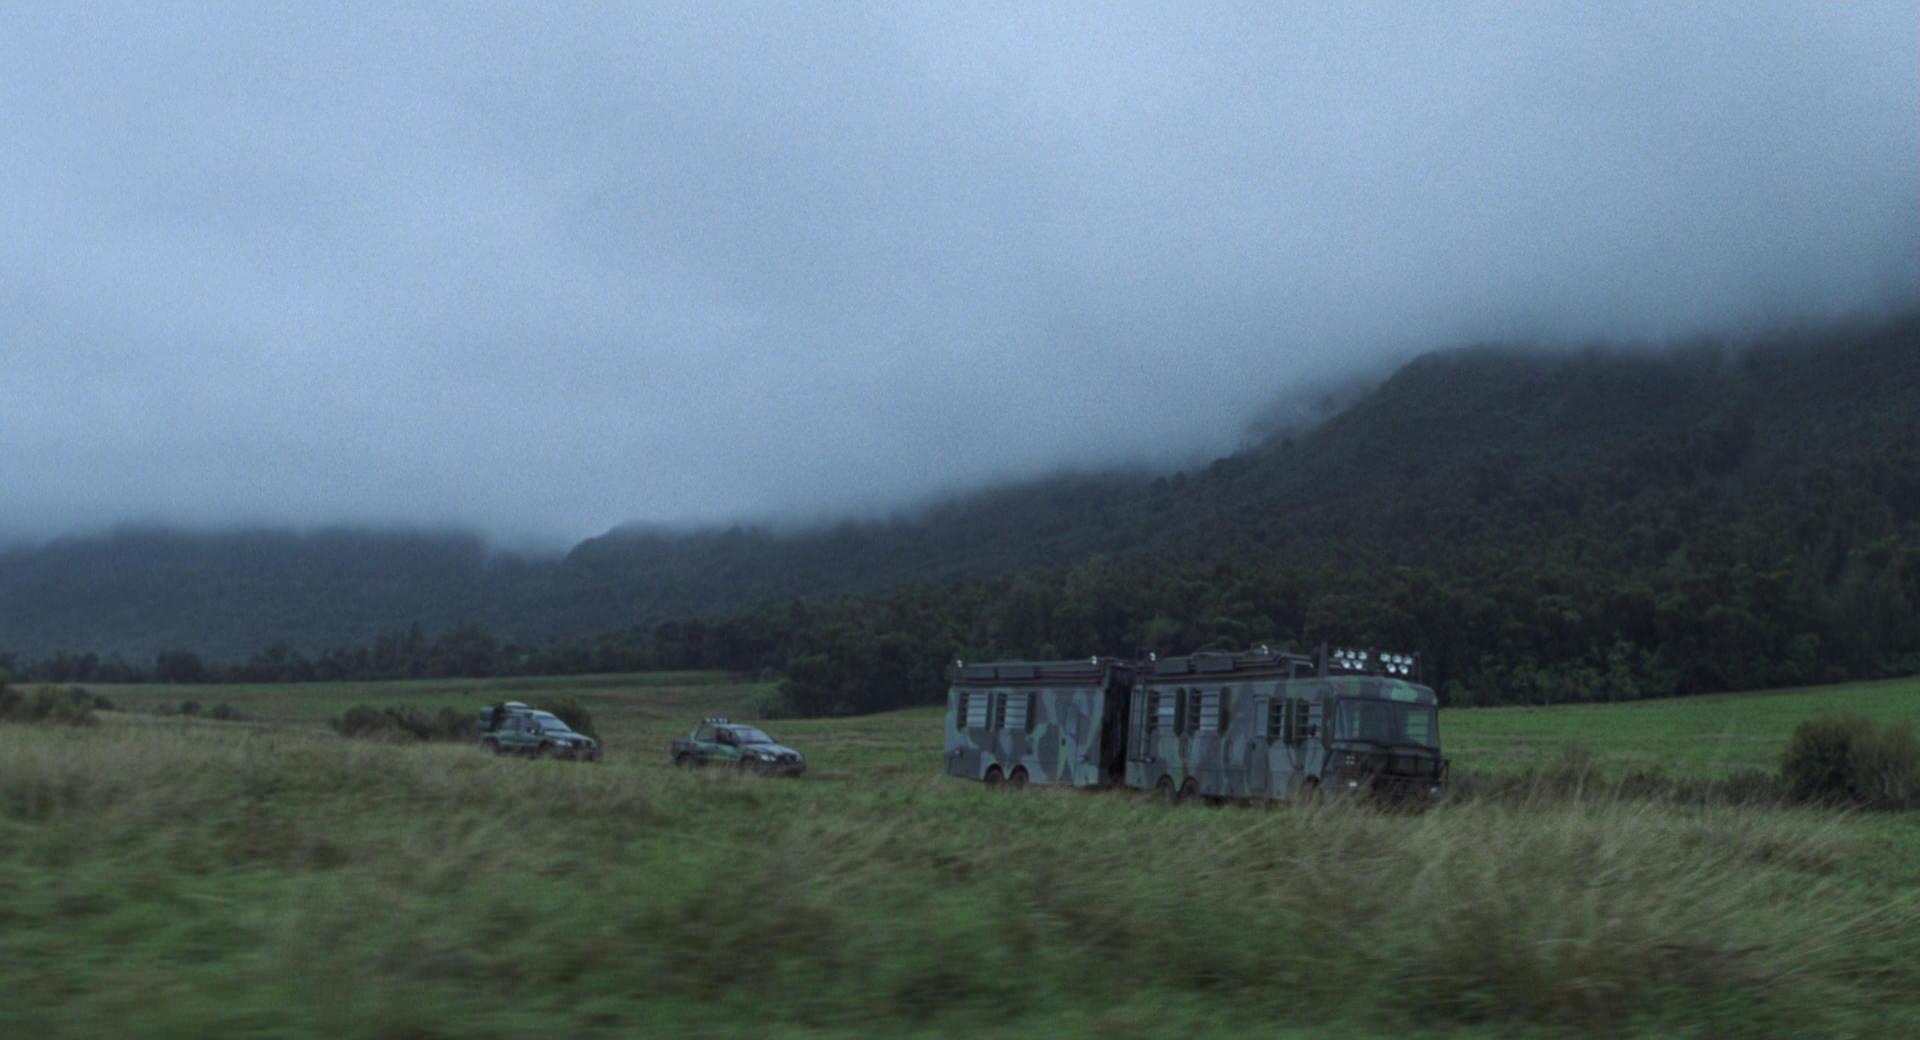 The Lost World Jurassic Park Screencaps are here Jurassic-lost-world-movie-screencaps.com-2471